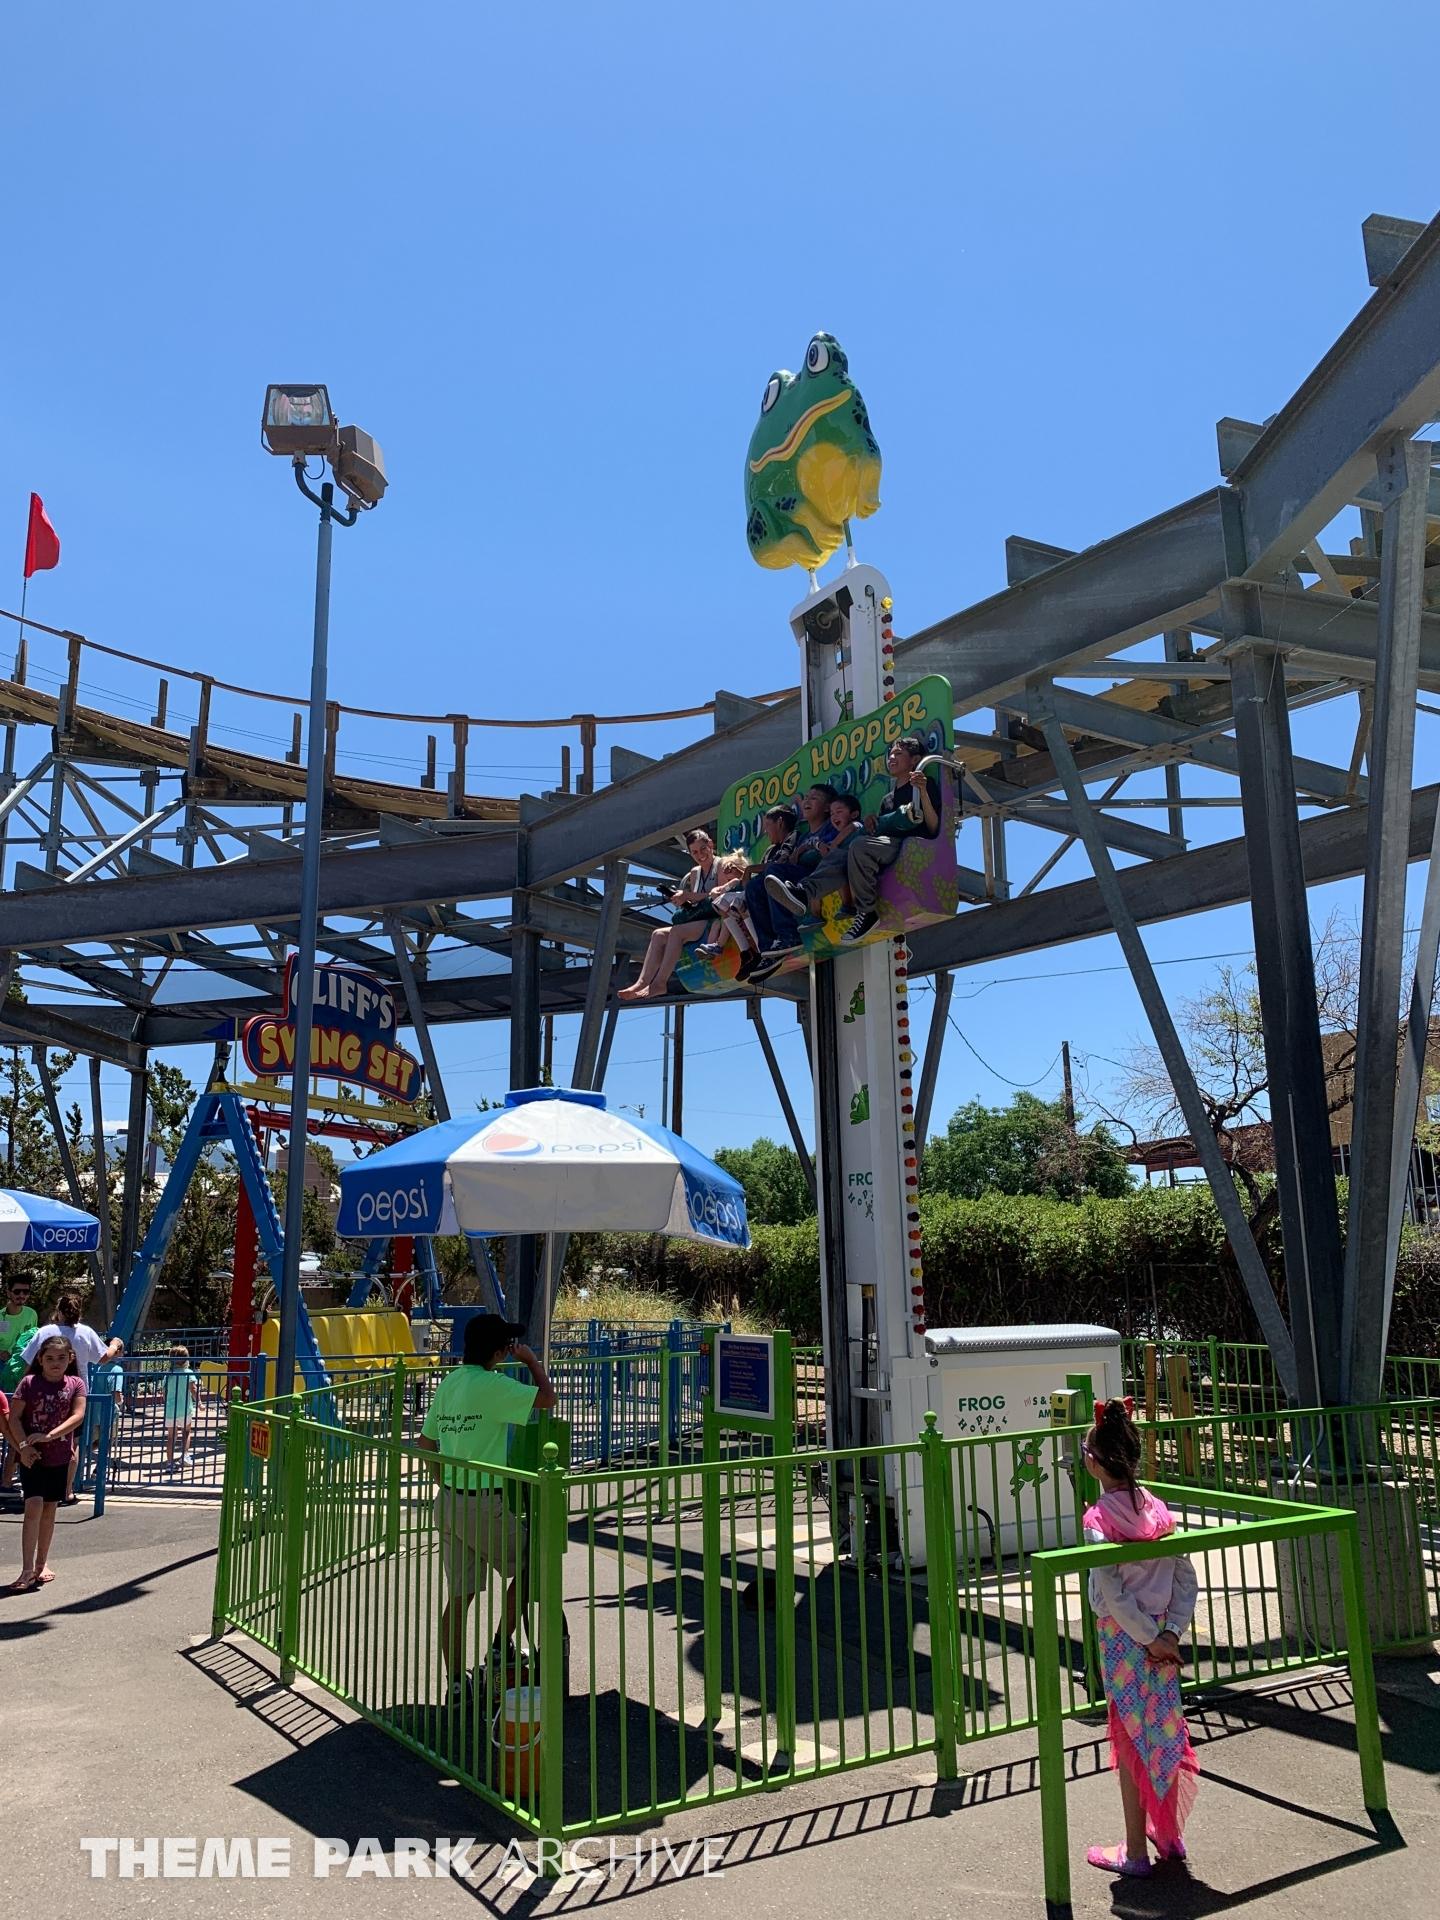 The Frog Hopper at Cliff's Amusement Park